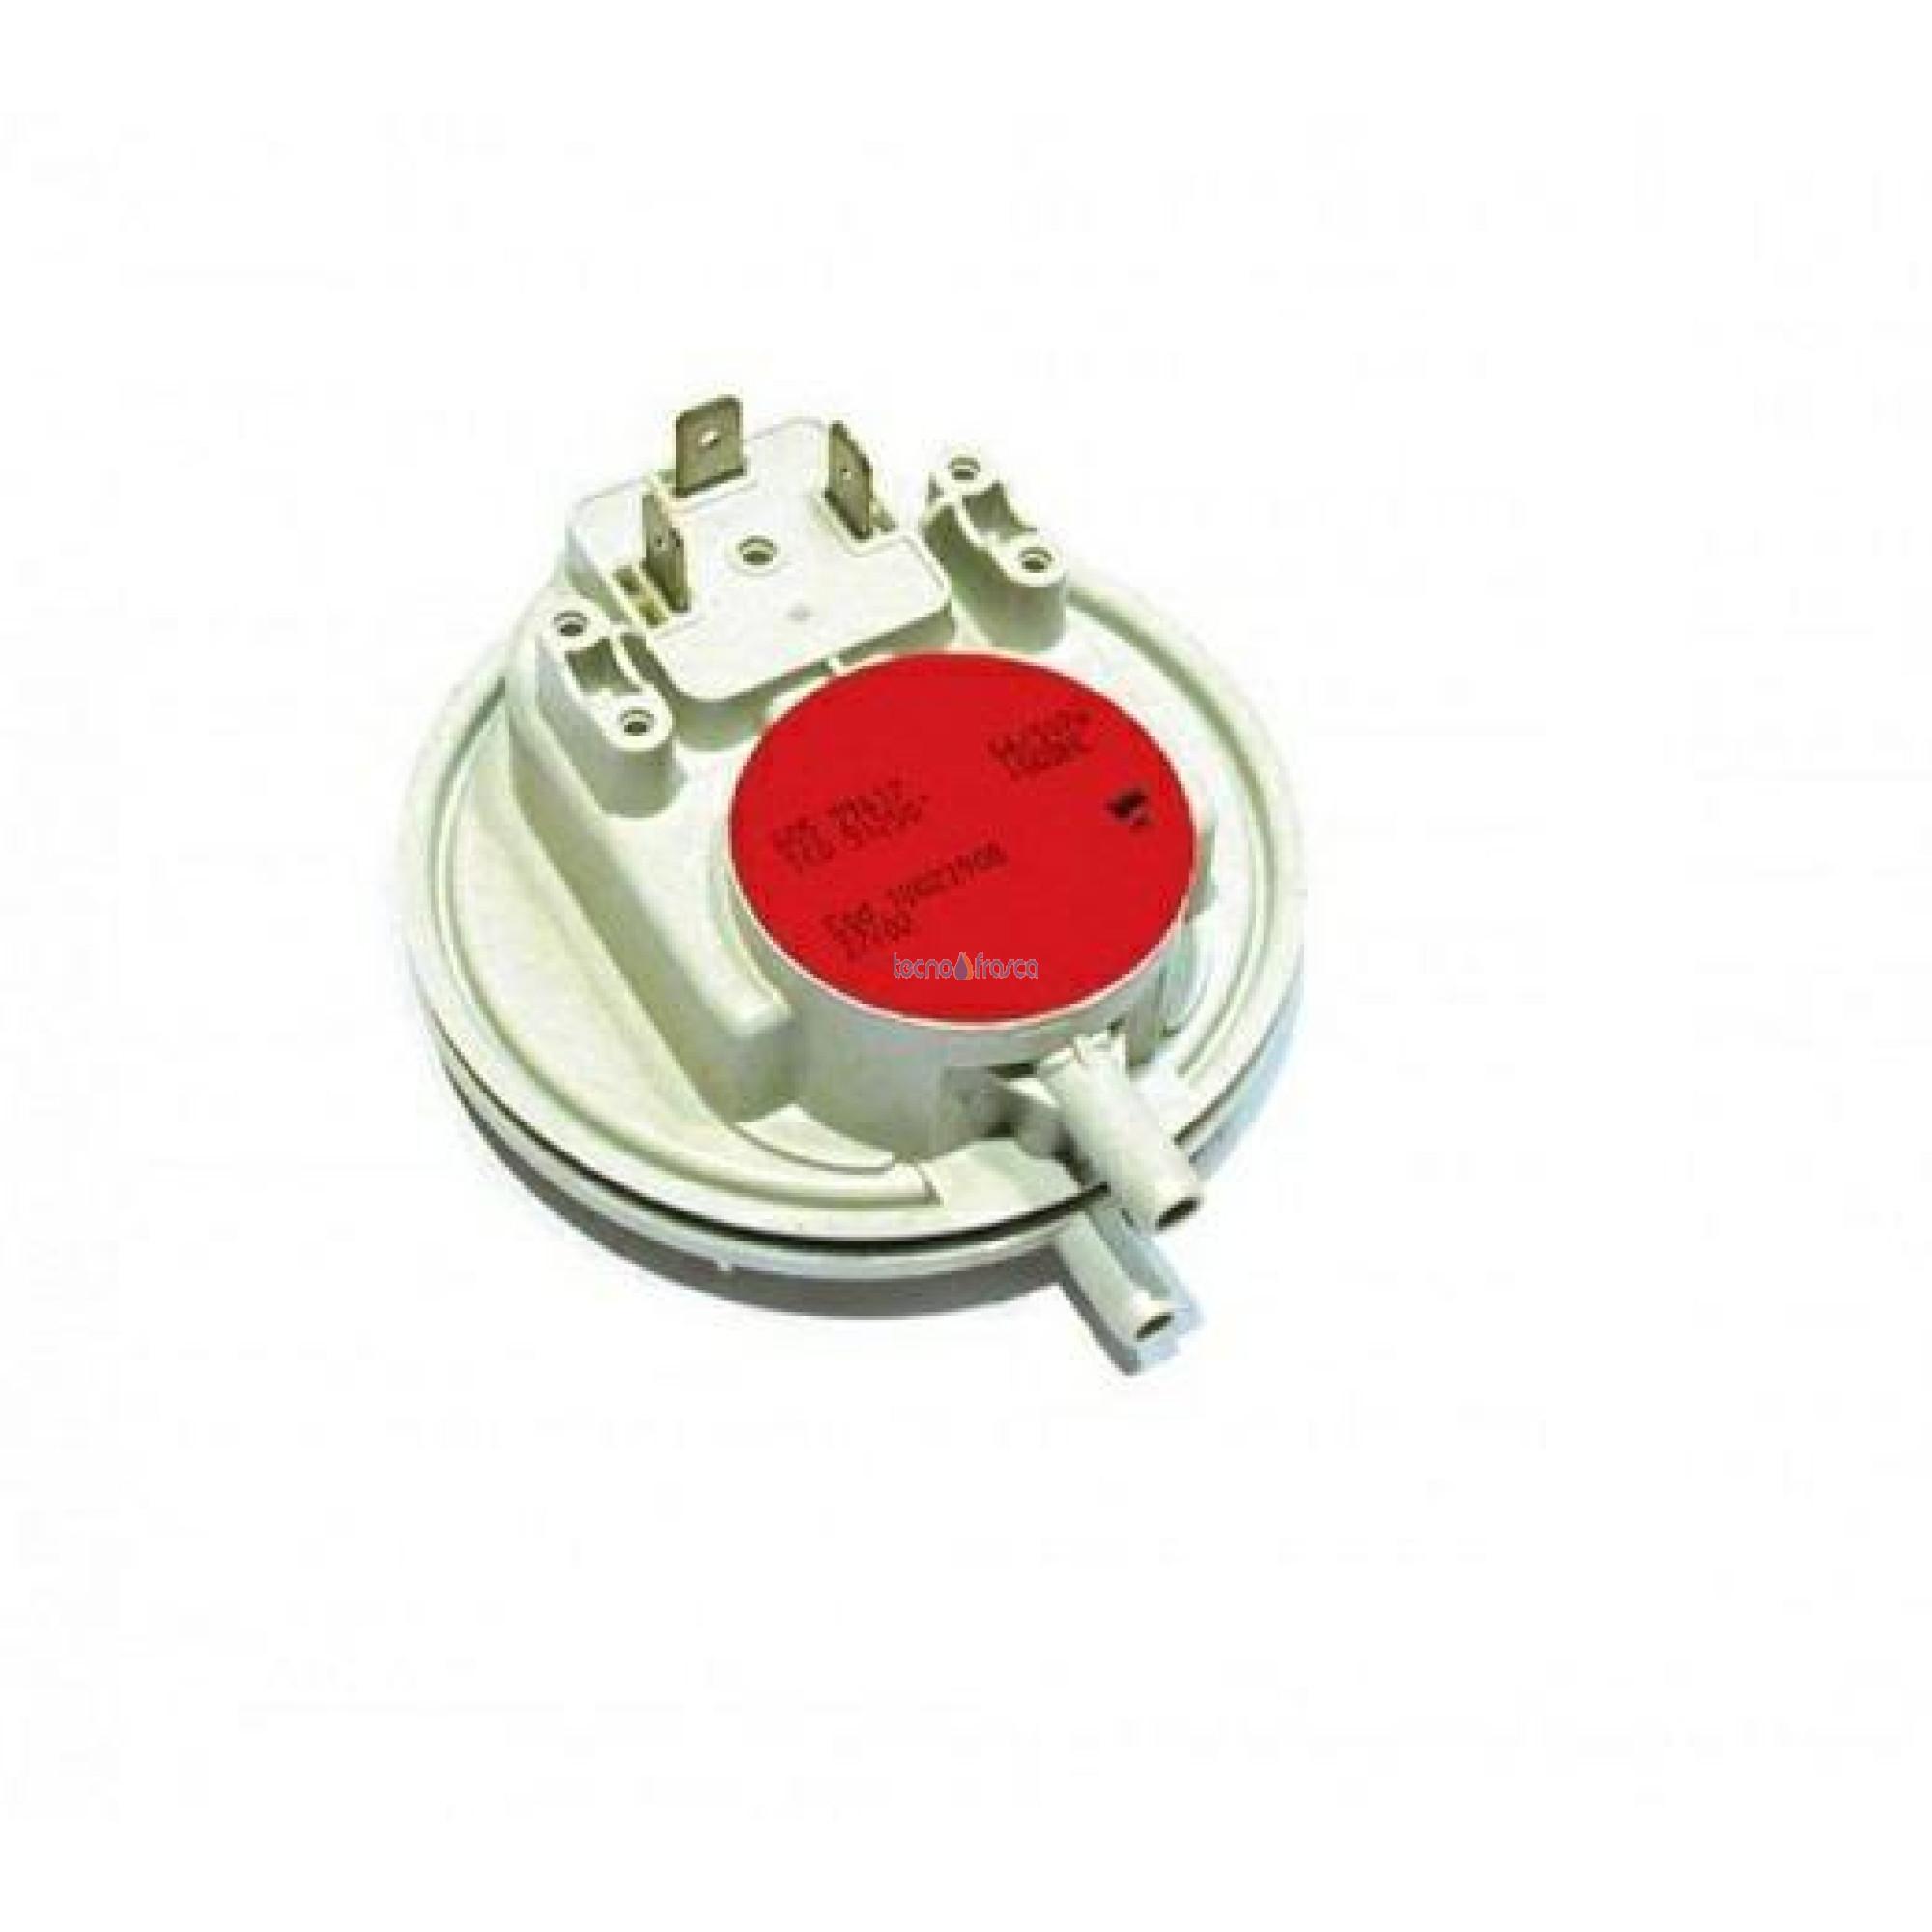 Beretta pressostato aria huba R10023908